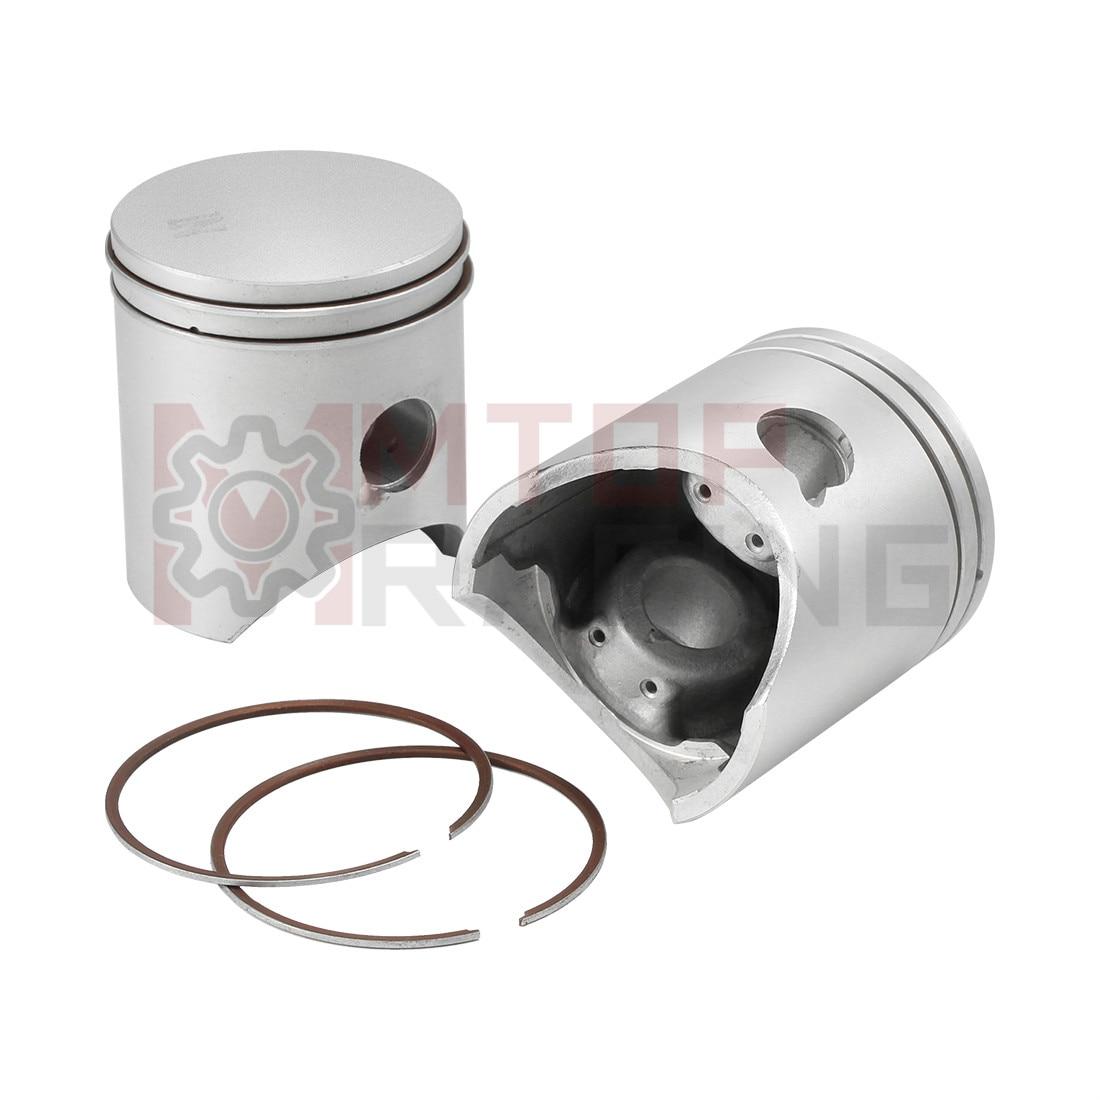 2Set Piston Ring for Honda NSR250 MC16 MC18 NSR250R4 MC21 NSR250R5 MC28 STD 54mm